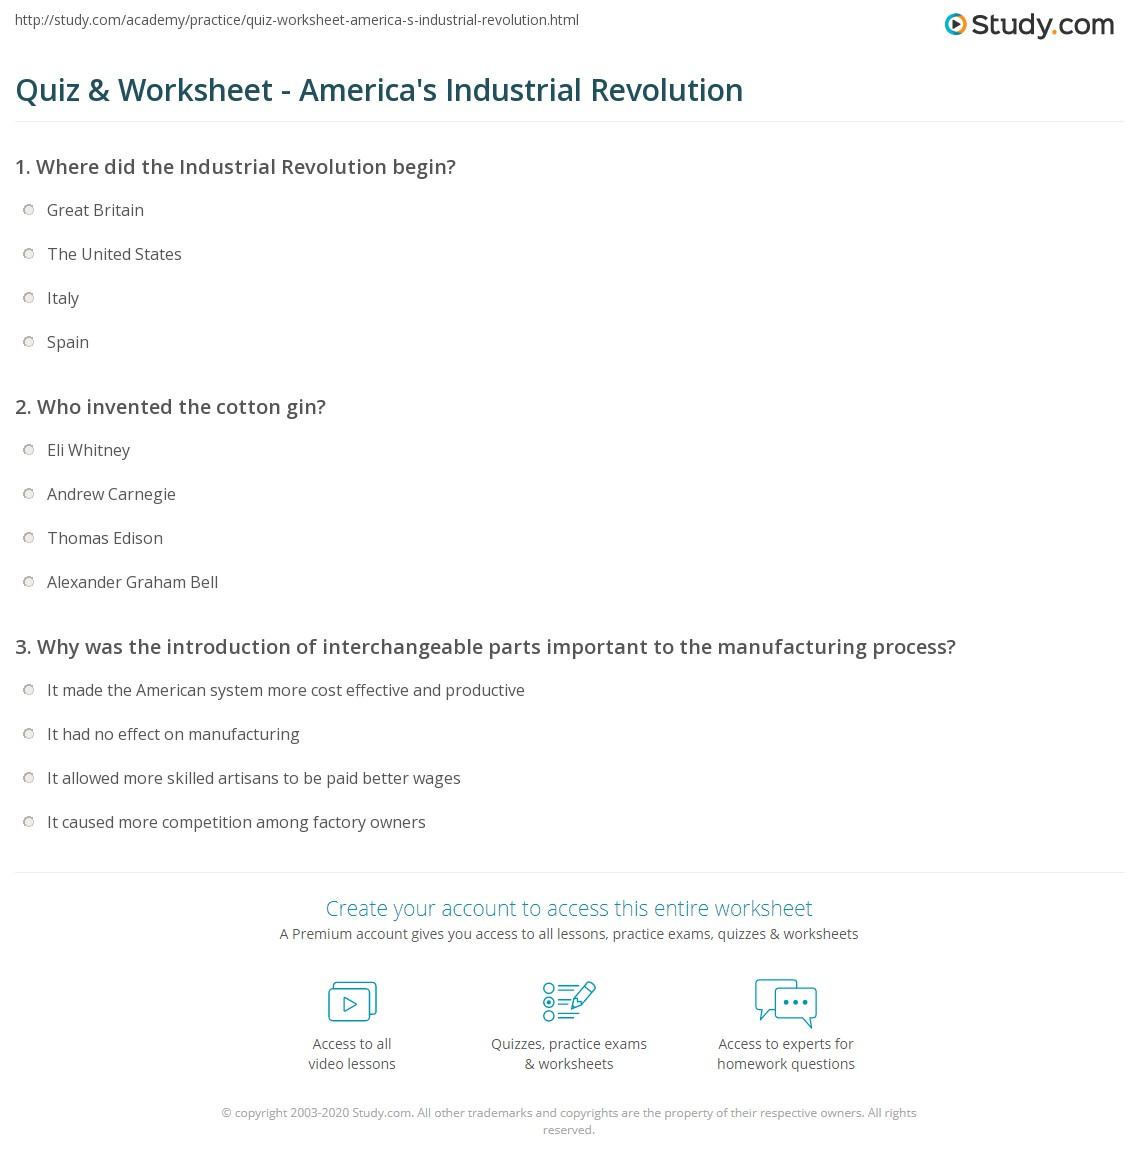 quiz worksheet america 39 s industrial revolution. Black Bedroom Furniture Sets. Home Design Ideas